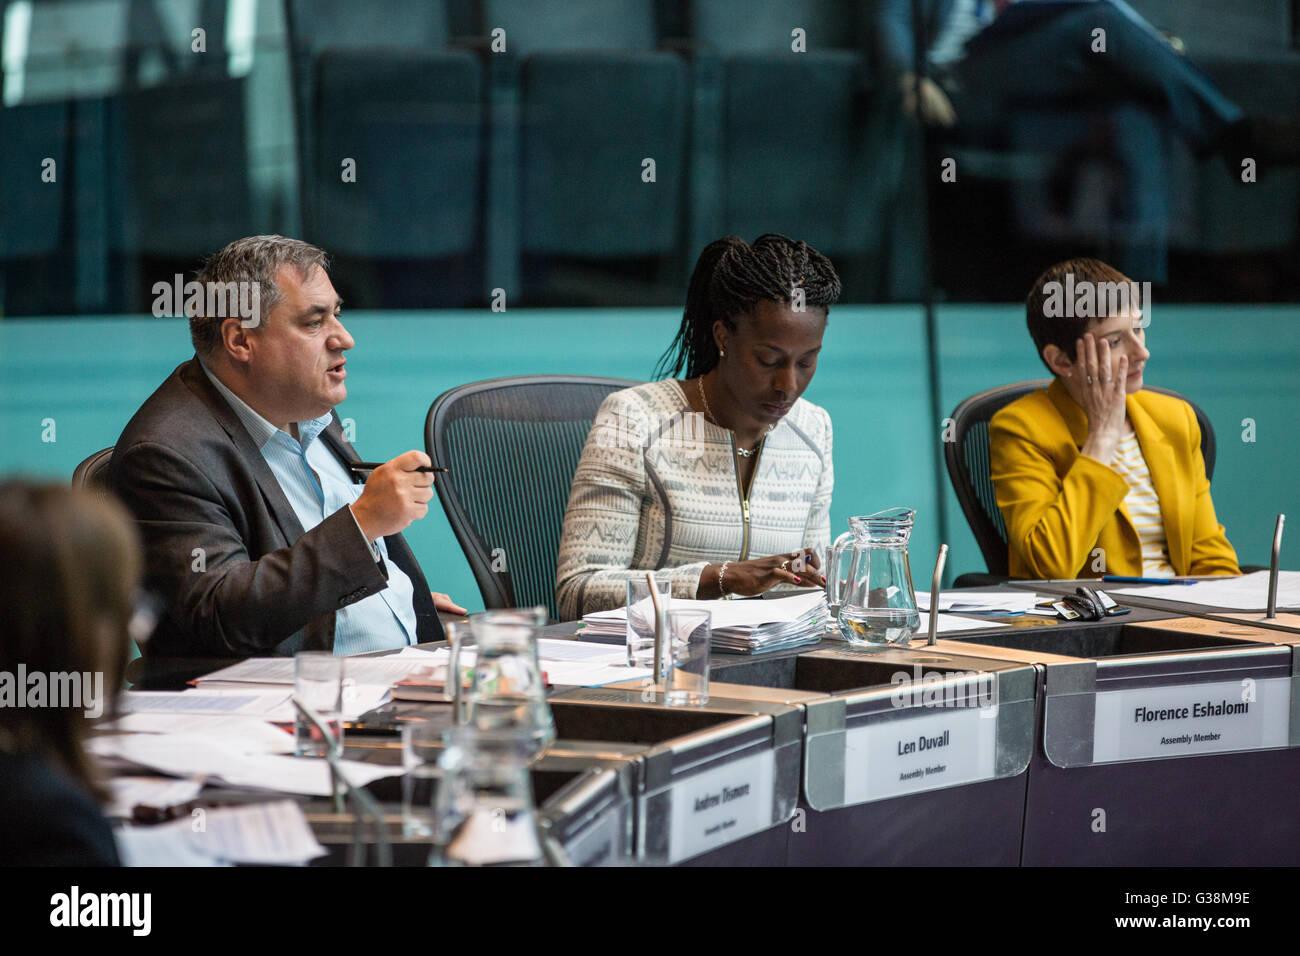 London, UK. 9th June, 2016. London Assembly Member Len Duvall (Labour) asks Councillor Sophie Linden a question - Stock Image